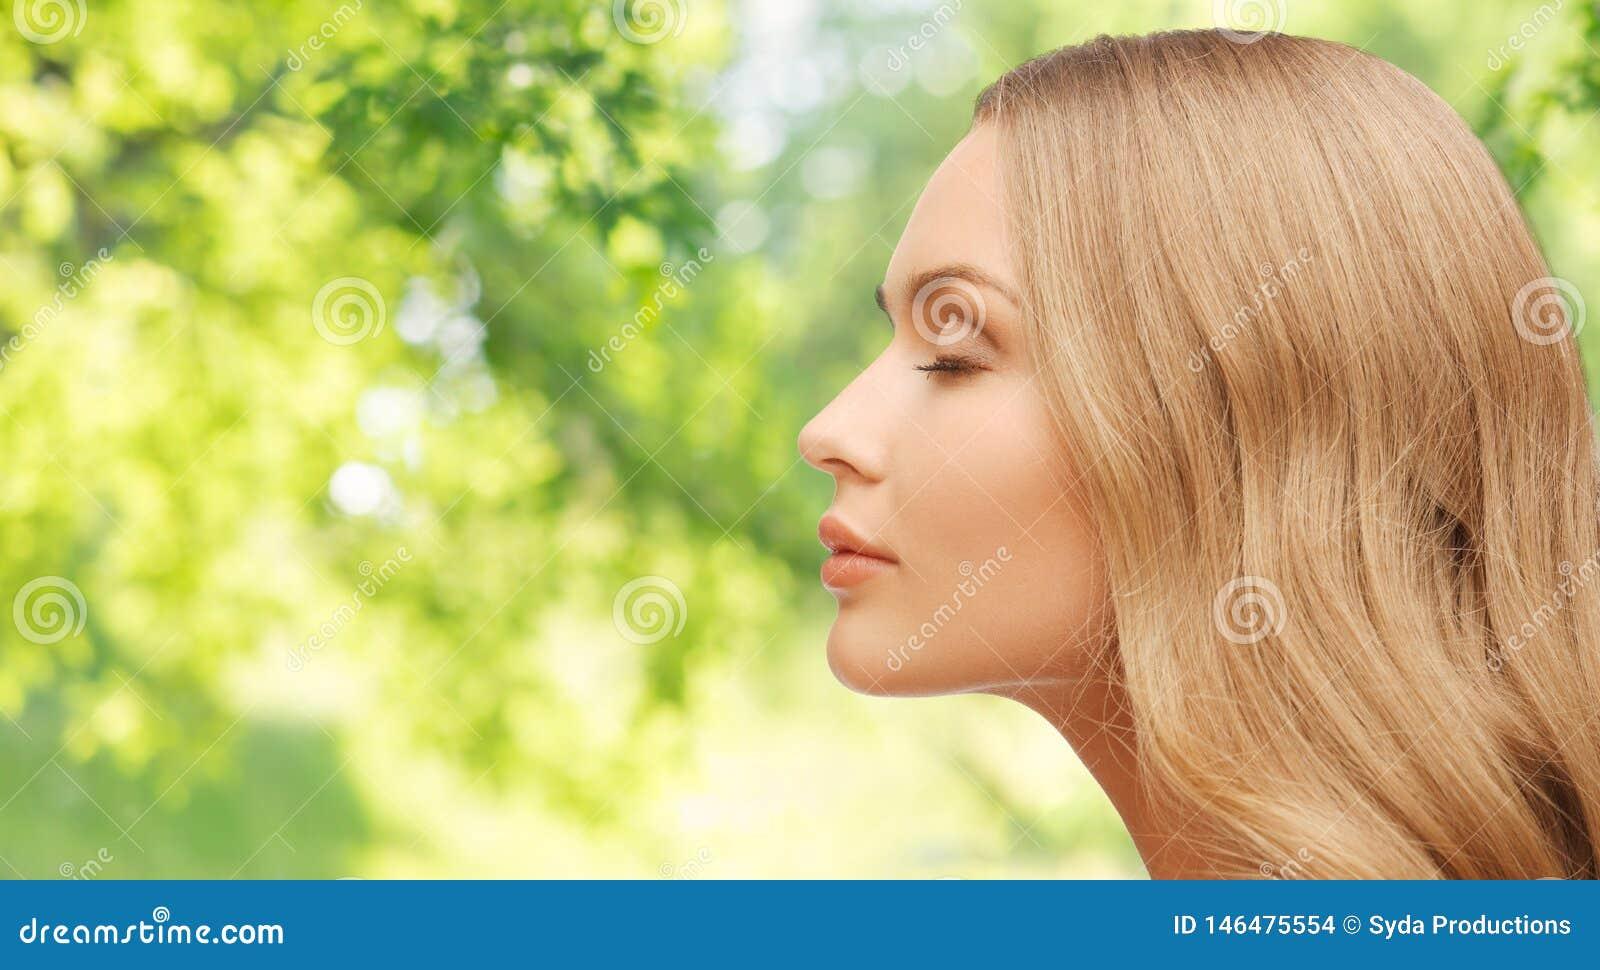 Mooi jong vrouwengezicht over natuurlijke achtergrond